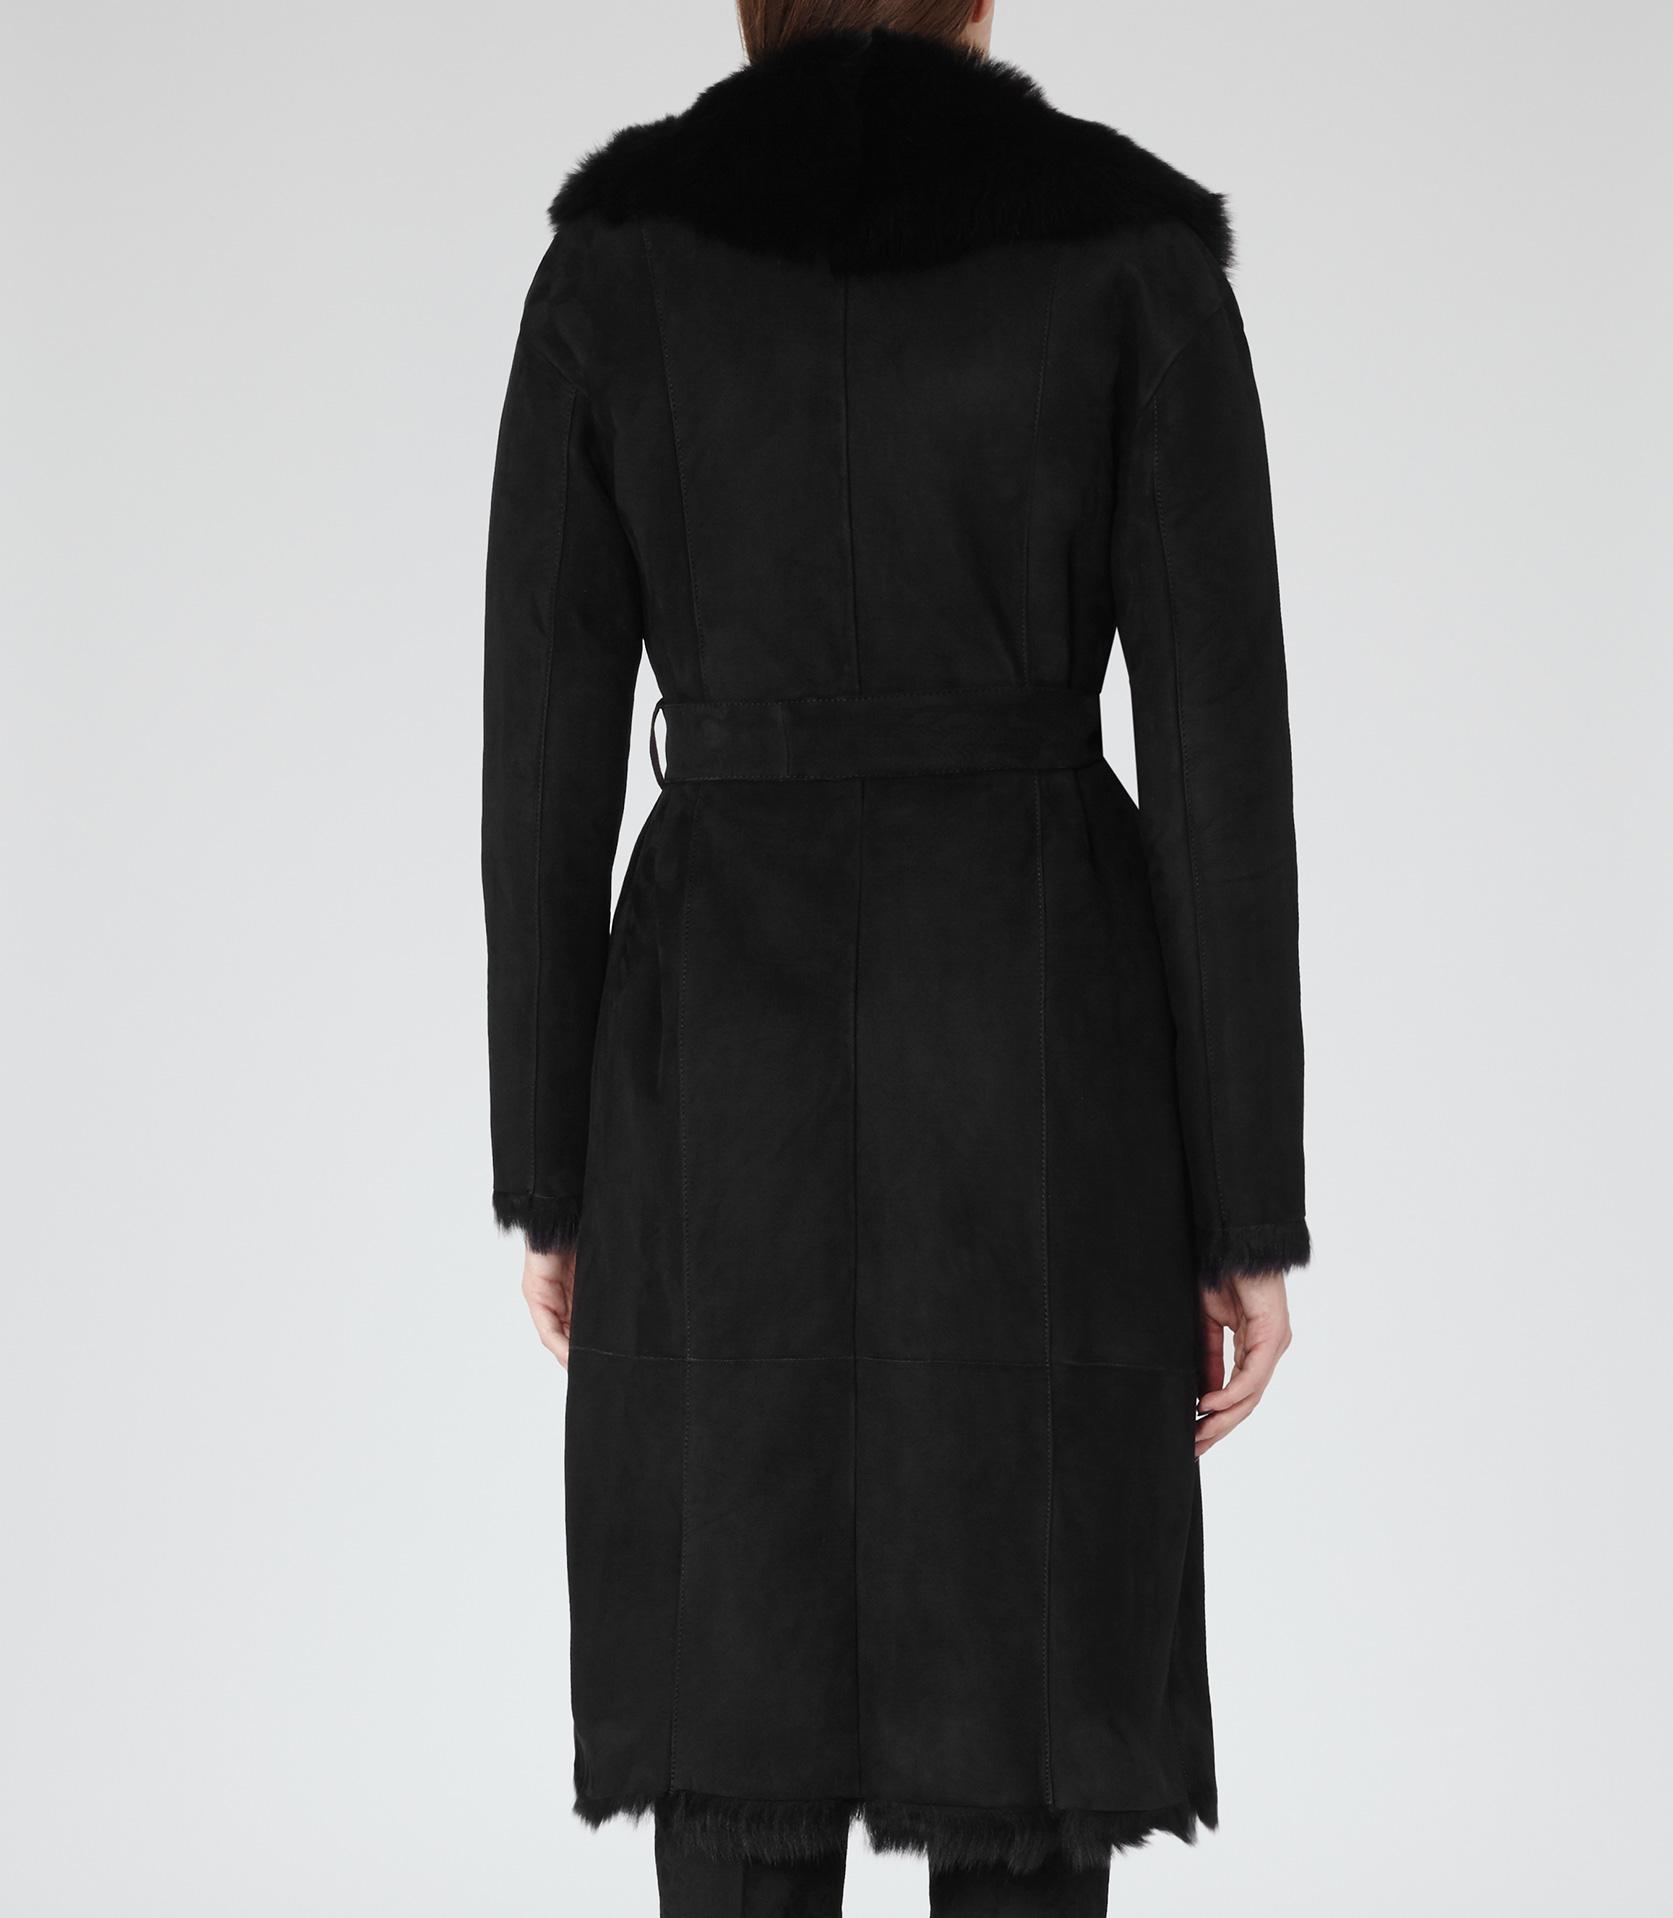 Reiss Biba Shearling Wrap Coat in Black | Lyst